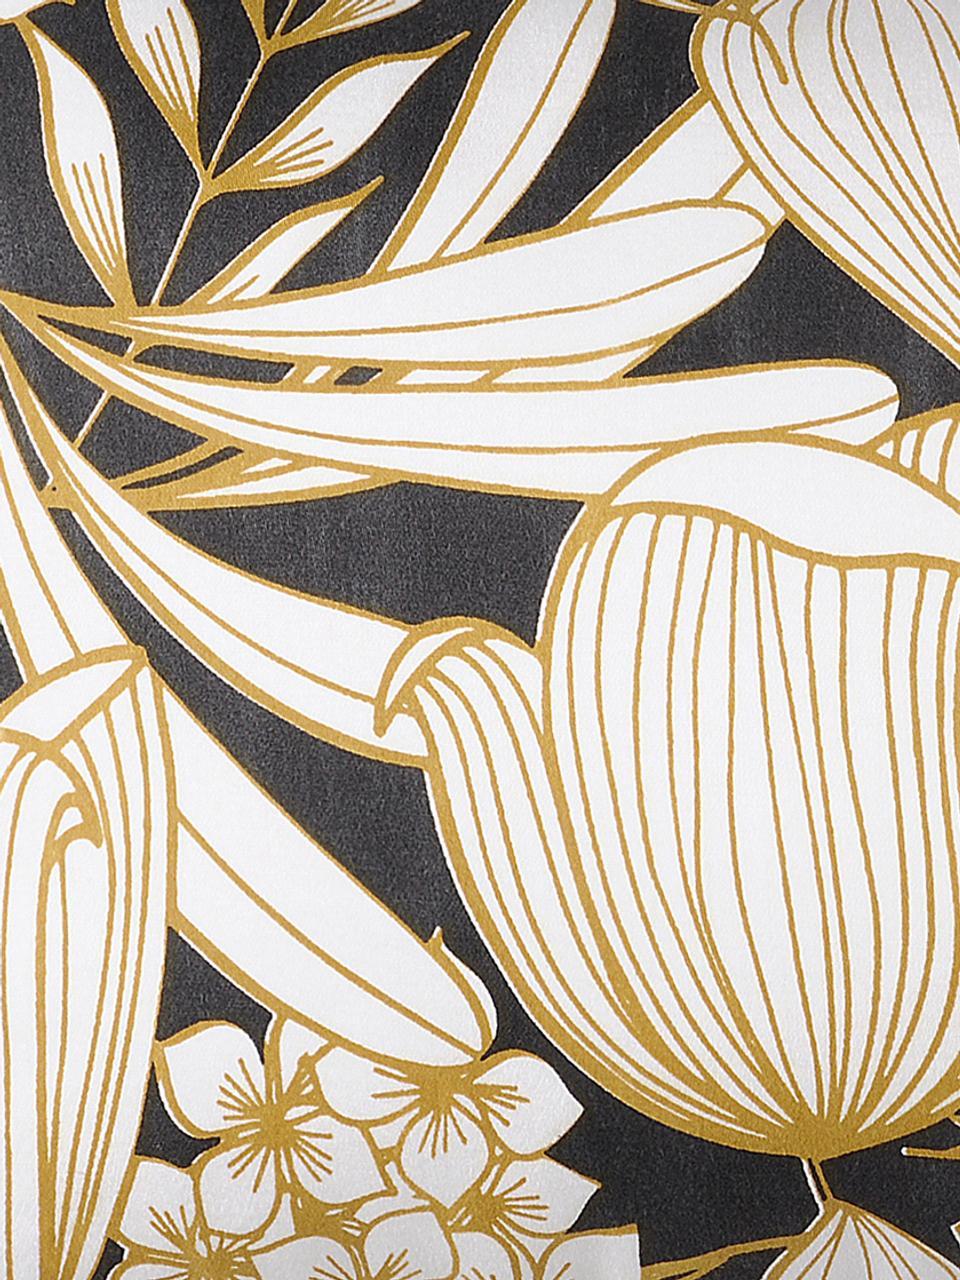 Cuscino con imbottitura e motivo floreale Ortance, Rivestimento: 50% cotone, 50% poliester, Giallo senape, nero, crema, Larg. 30 x Lung. 50 cm